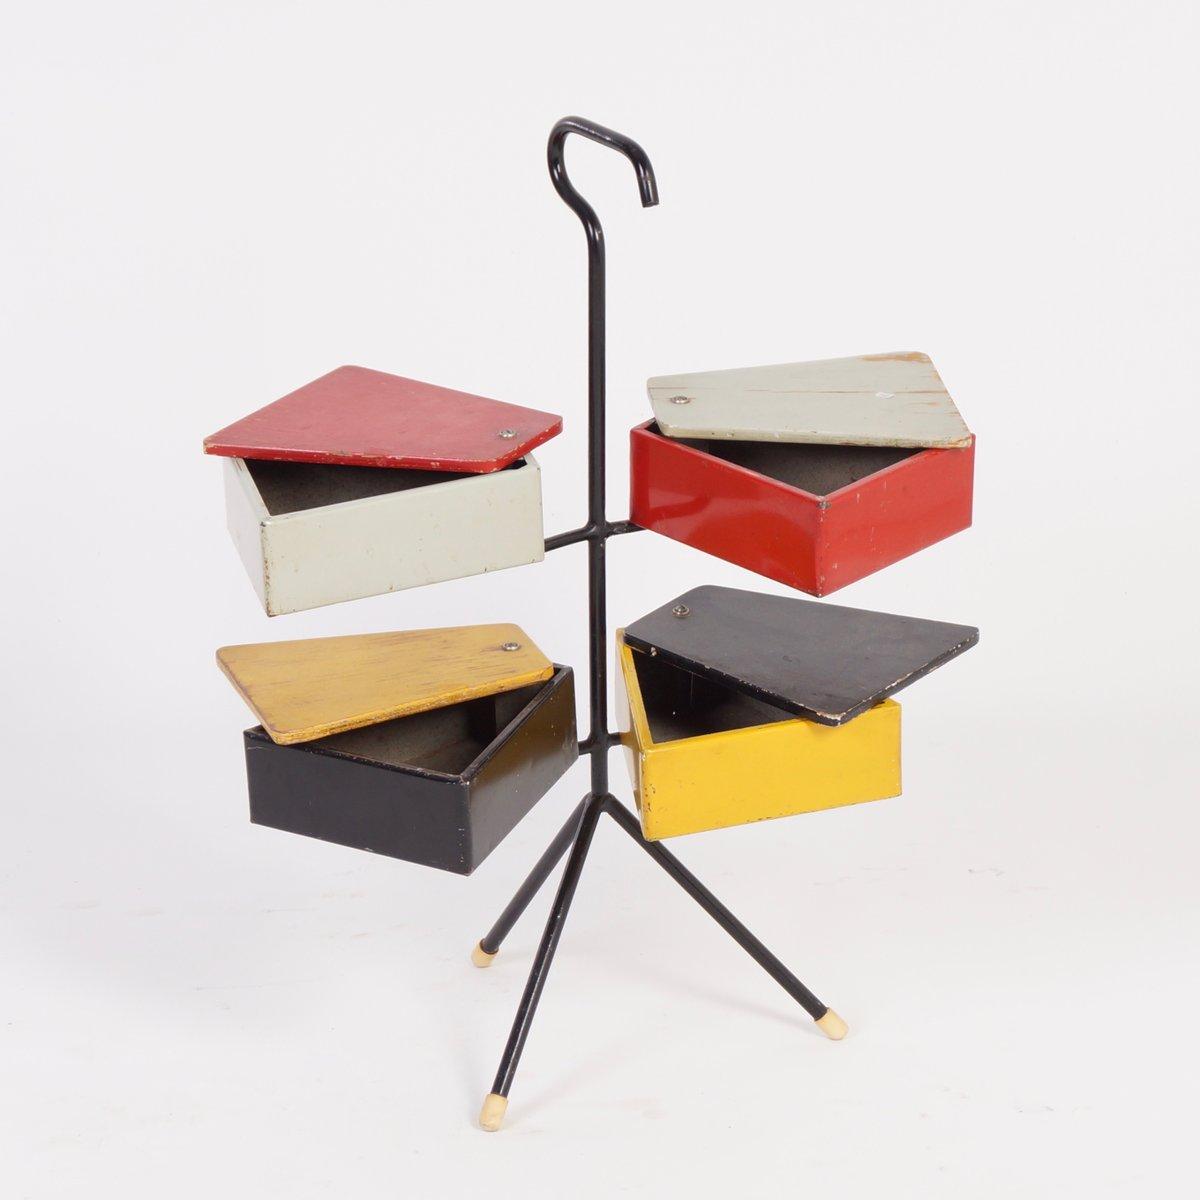 Bo te couture par joost teders pour metalux 1950s en - Boite a couture moderne ...